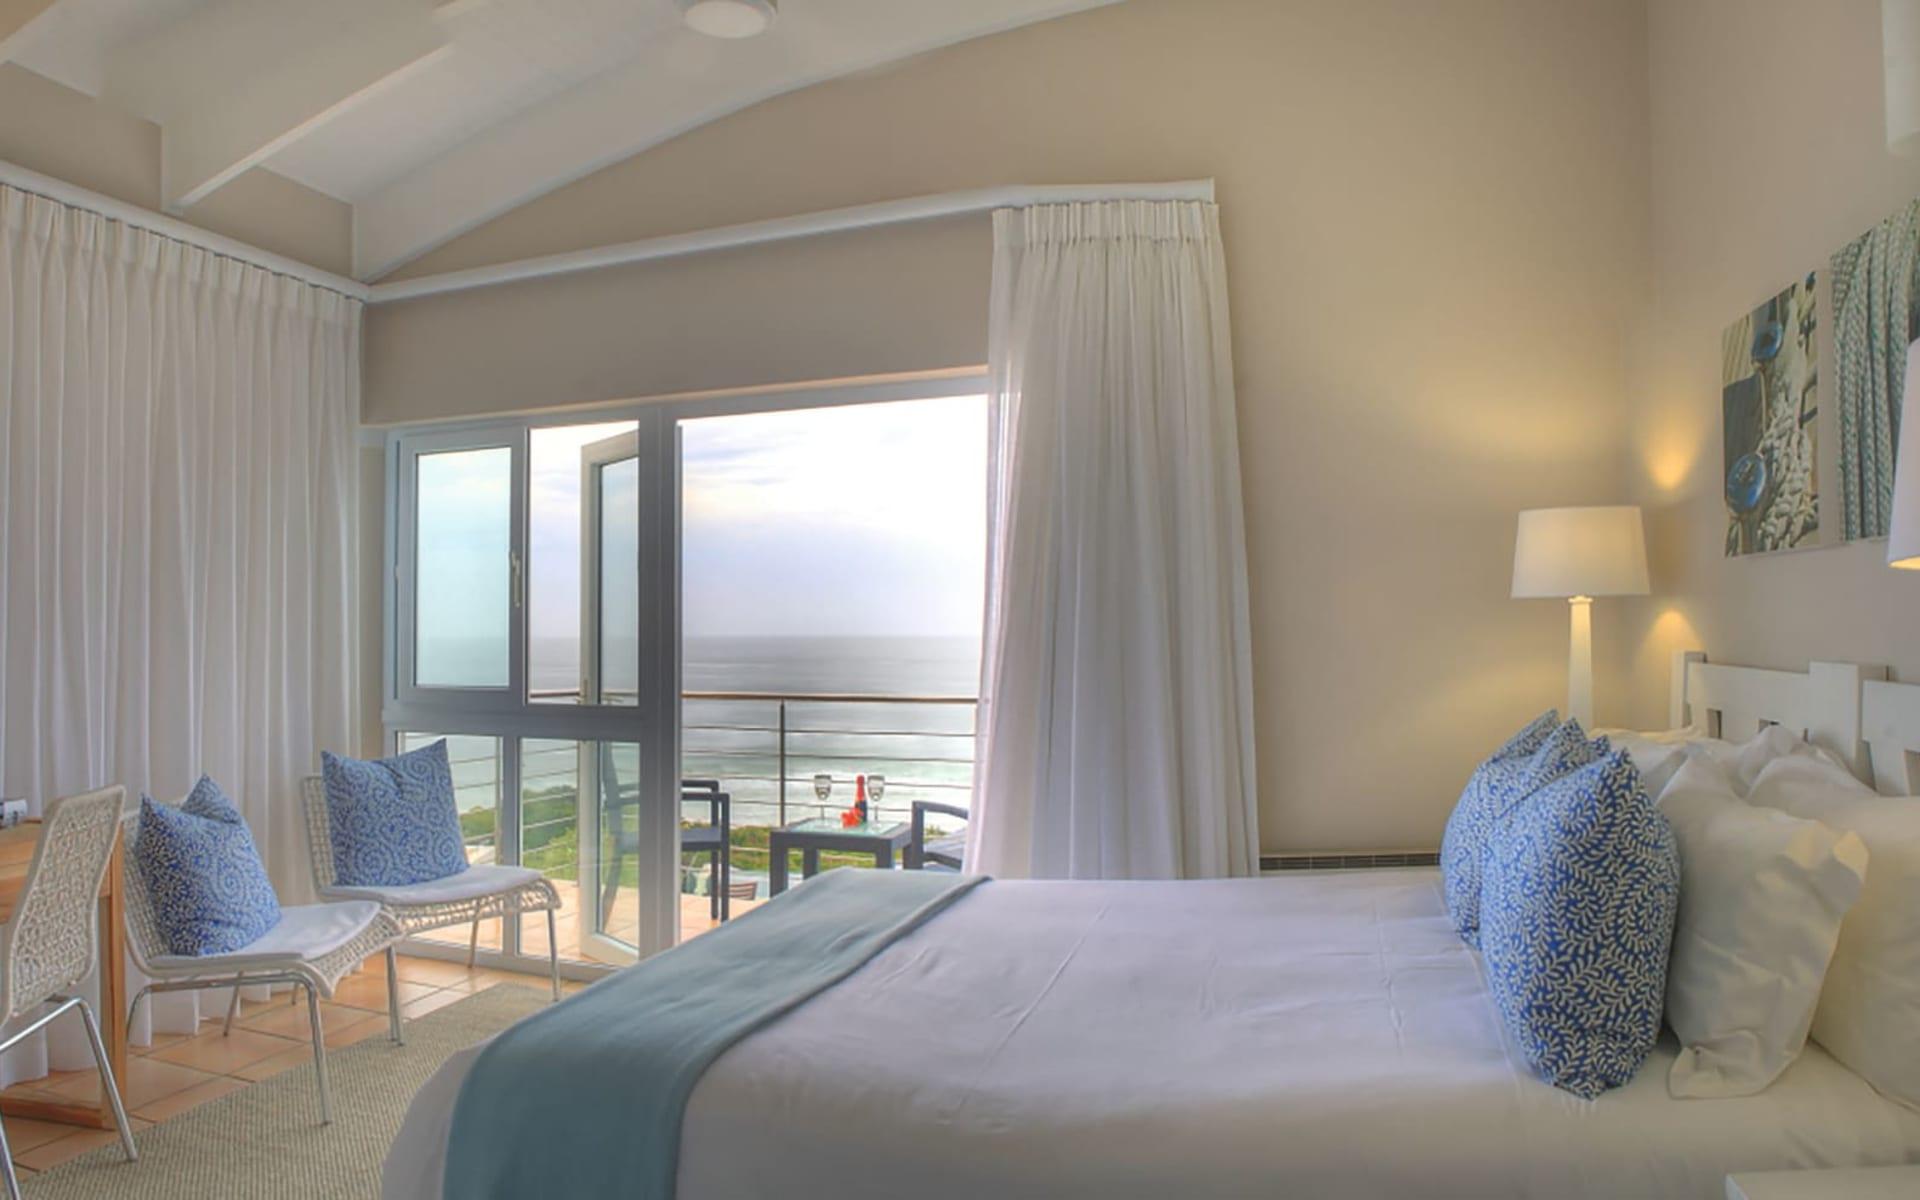 Periwinkle Guest Lodge in Plettenberg Bay:  Periwinkle Guest Lodge - Superior room